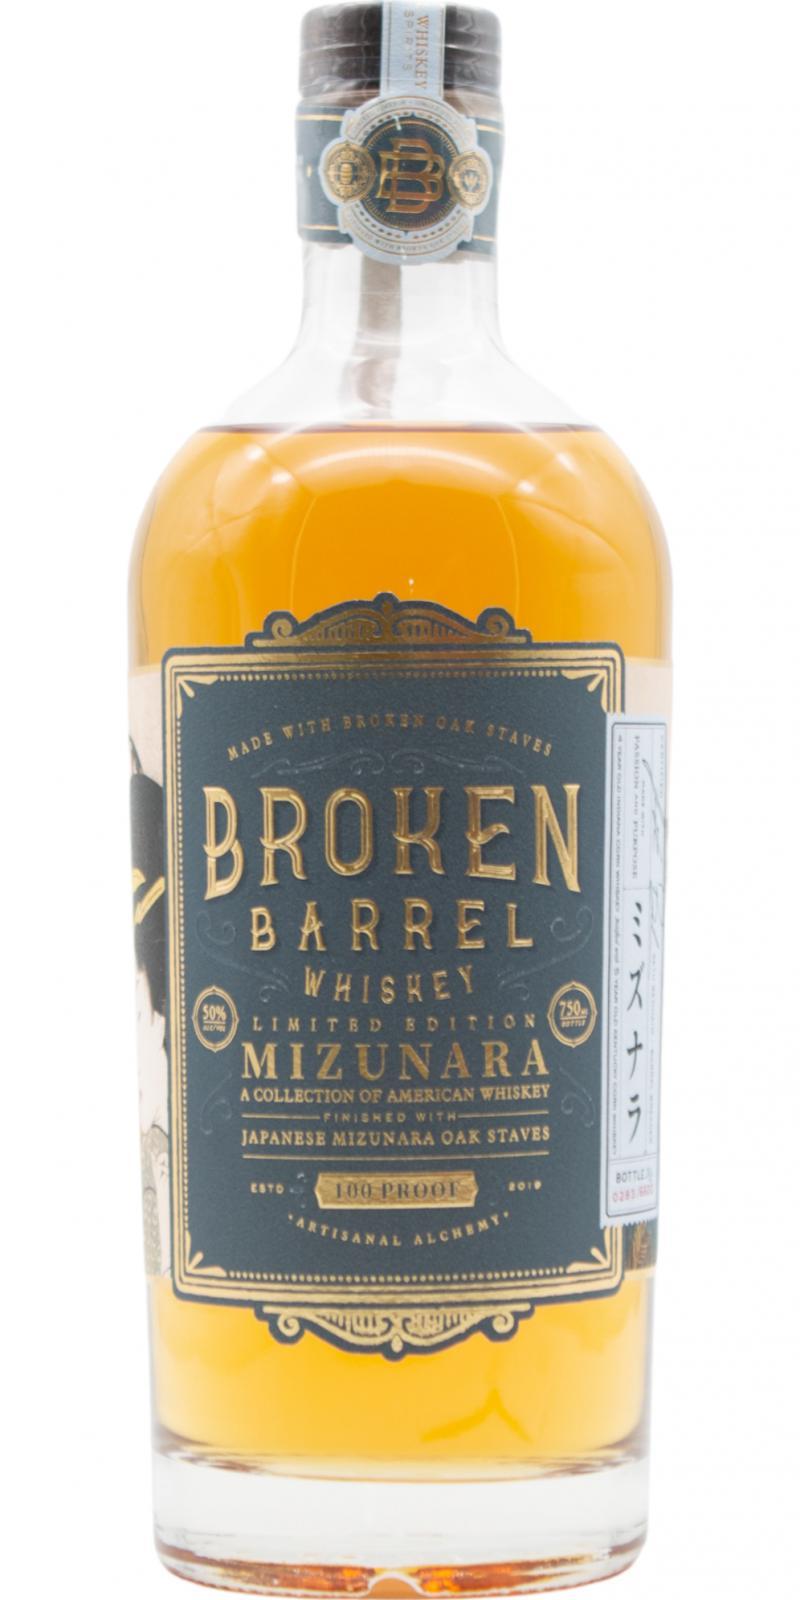 Broken Barrel Mizunara Finish